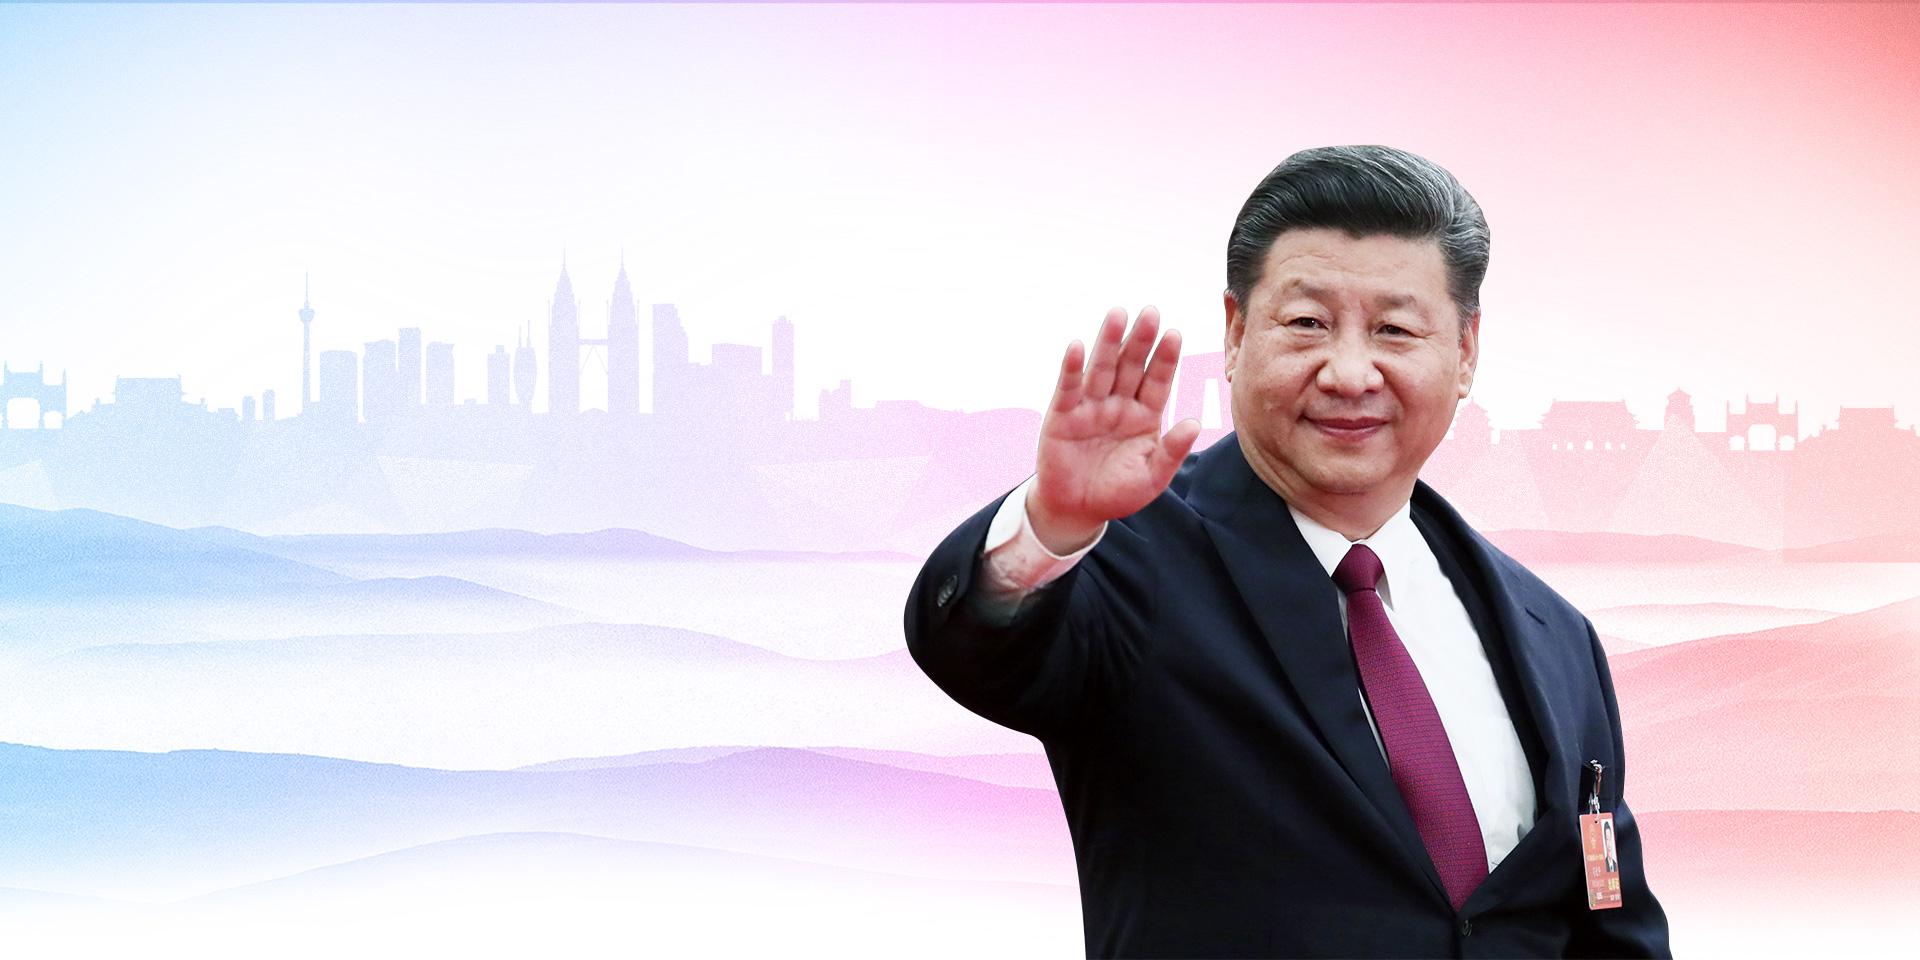 講好中國故事,傳播中國聲音。